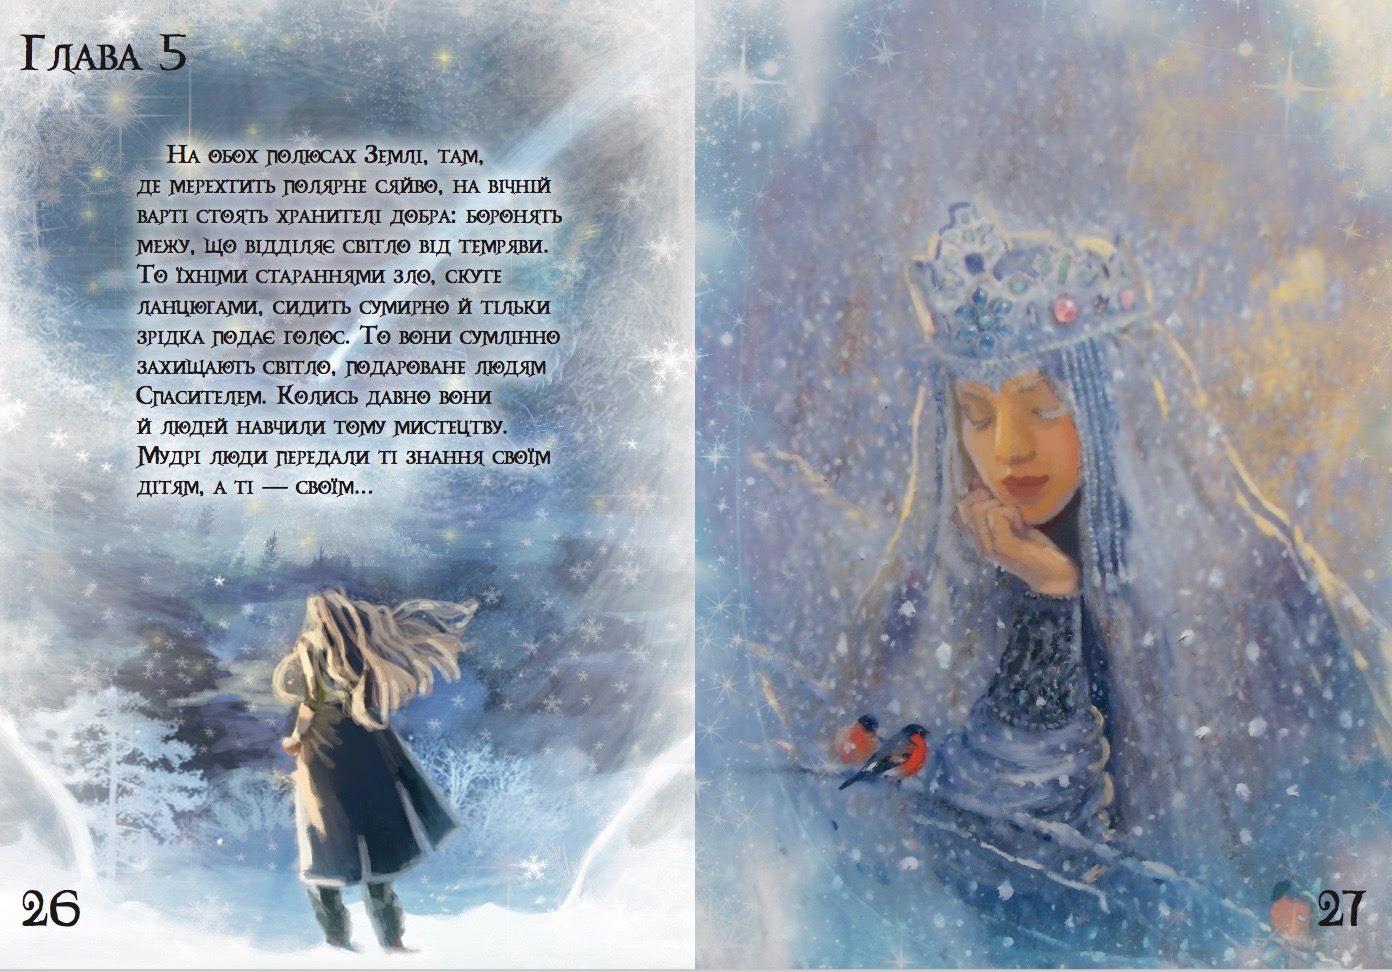 Тіна Кароль написала свою першу книгу